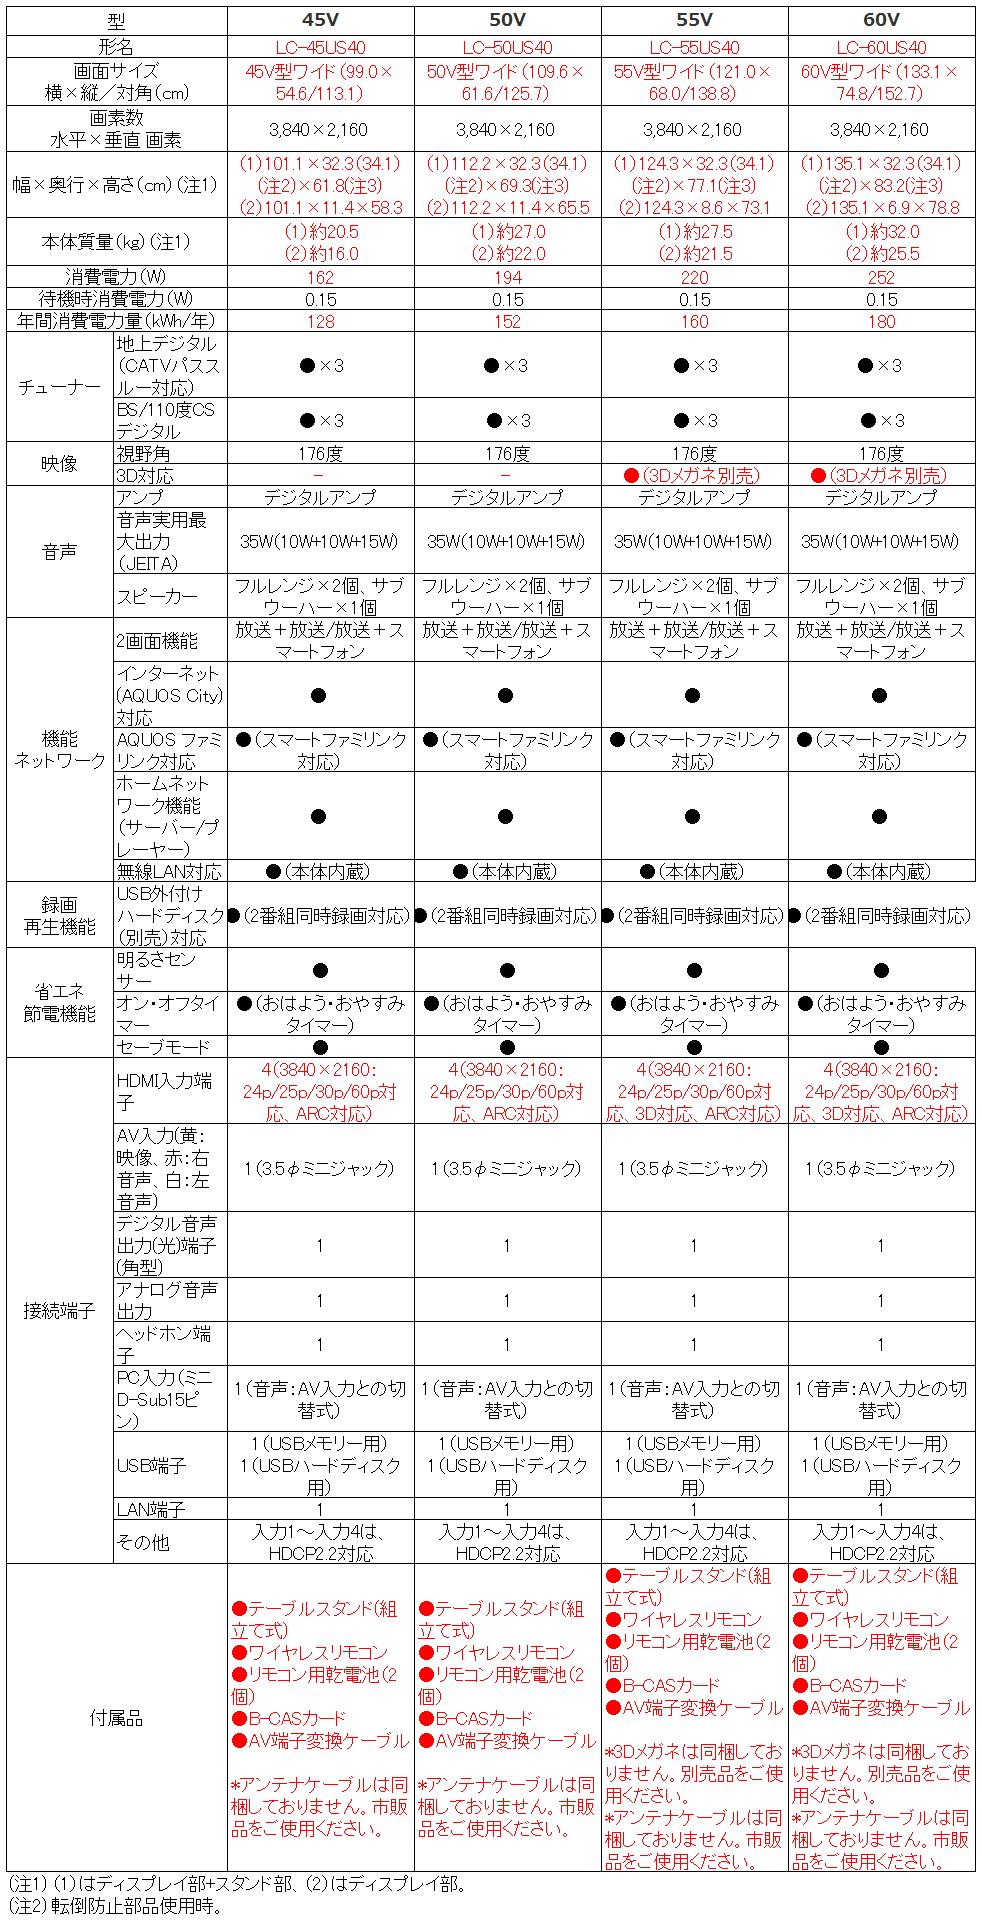 シャープ SHARP アクオス AQUOS LC-45US40 LC-50US40 LC-55US40 LC-60US40_サイズ別比較表